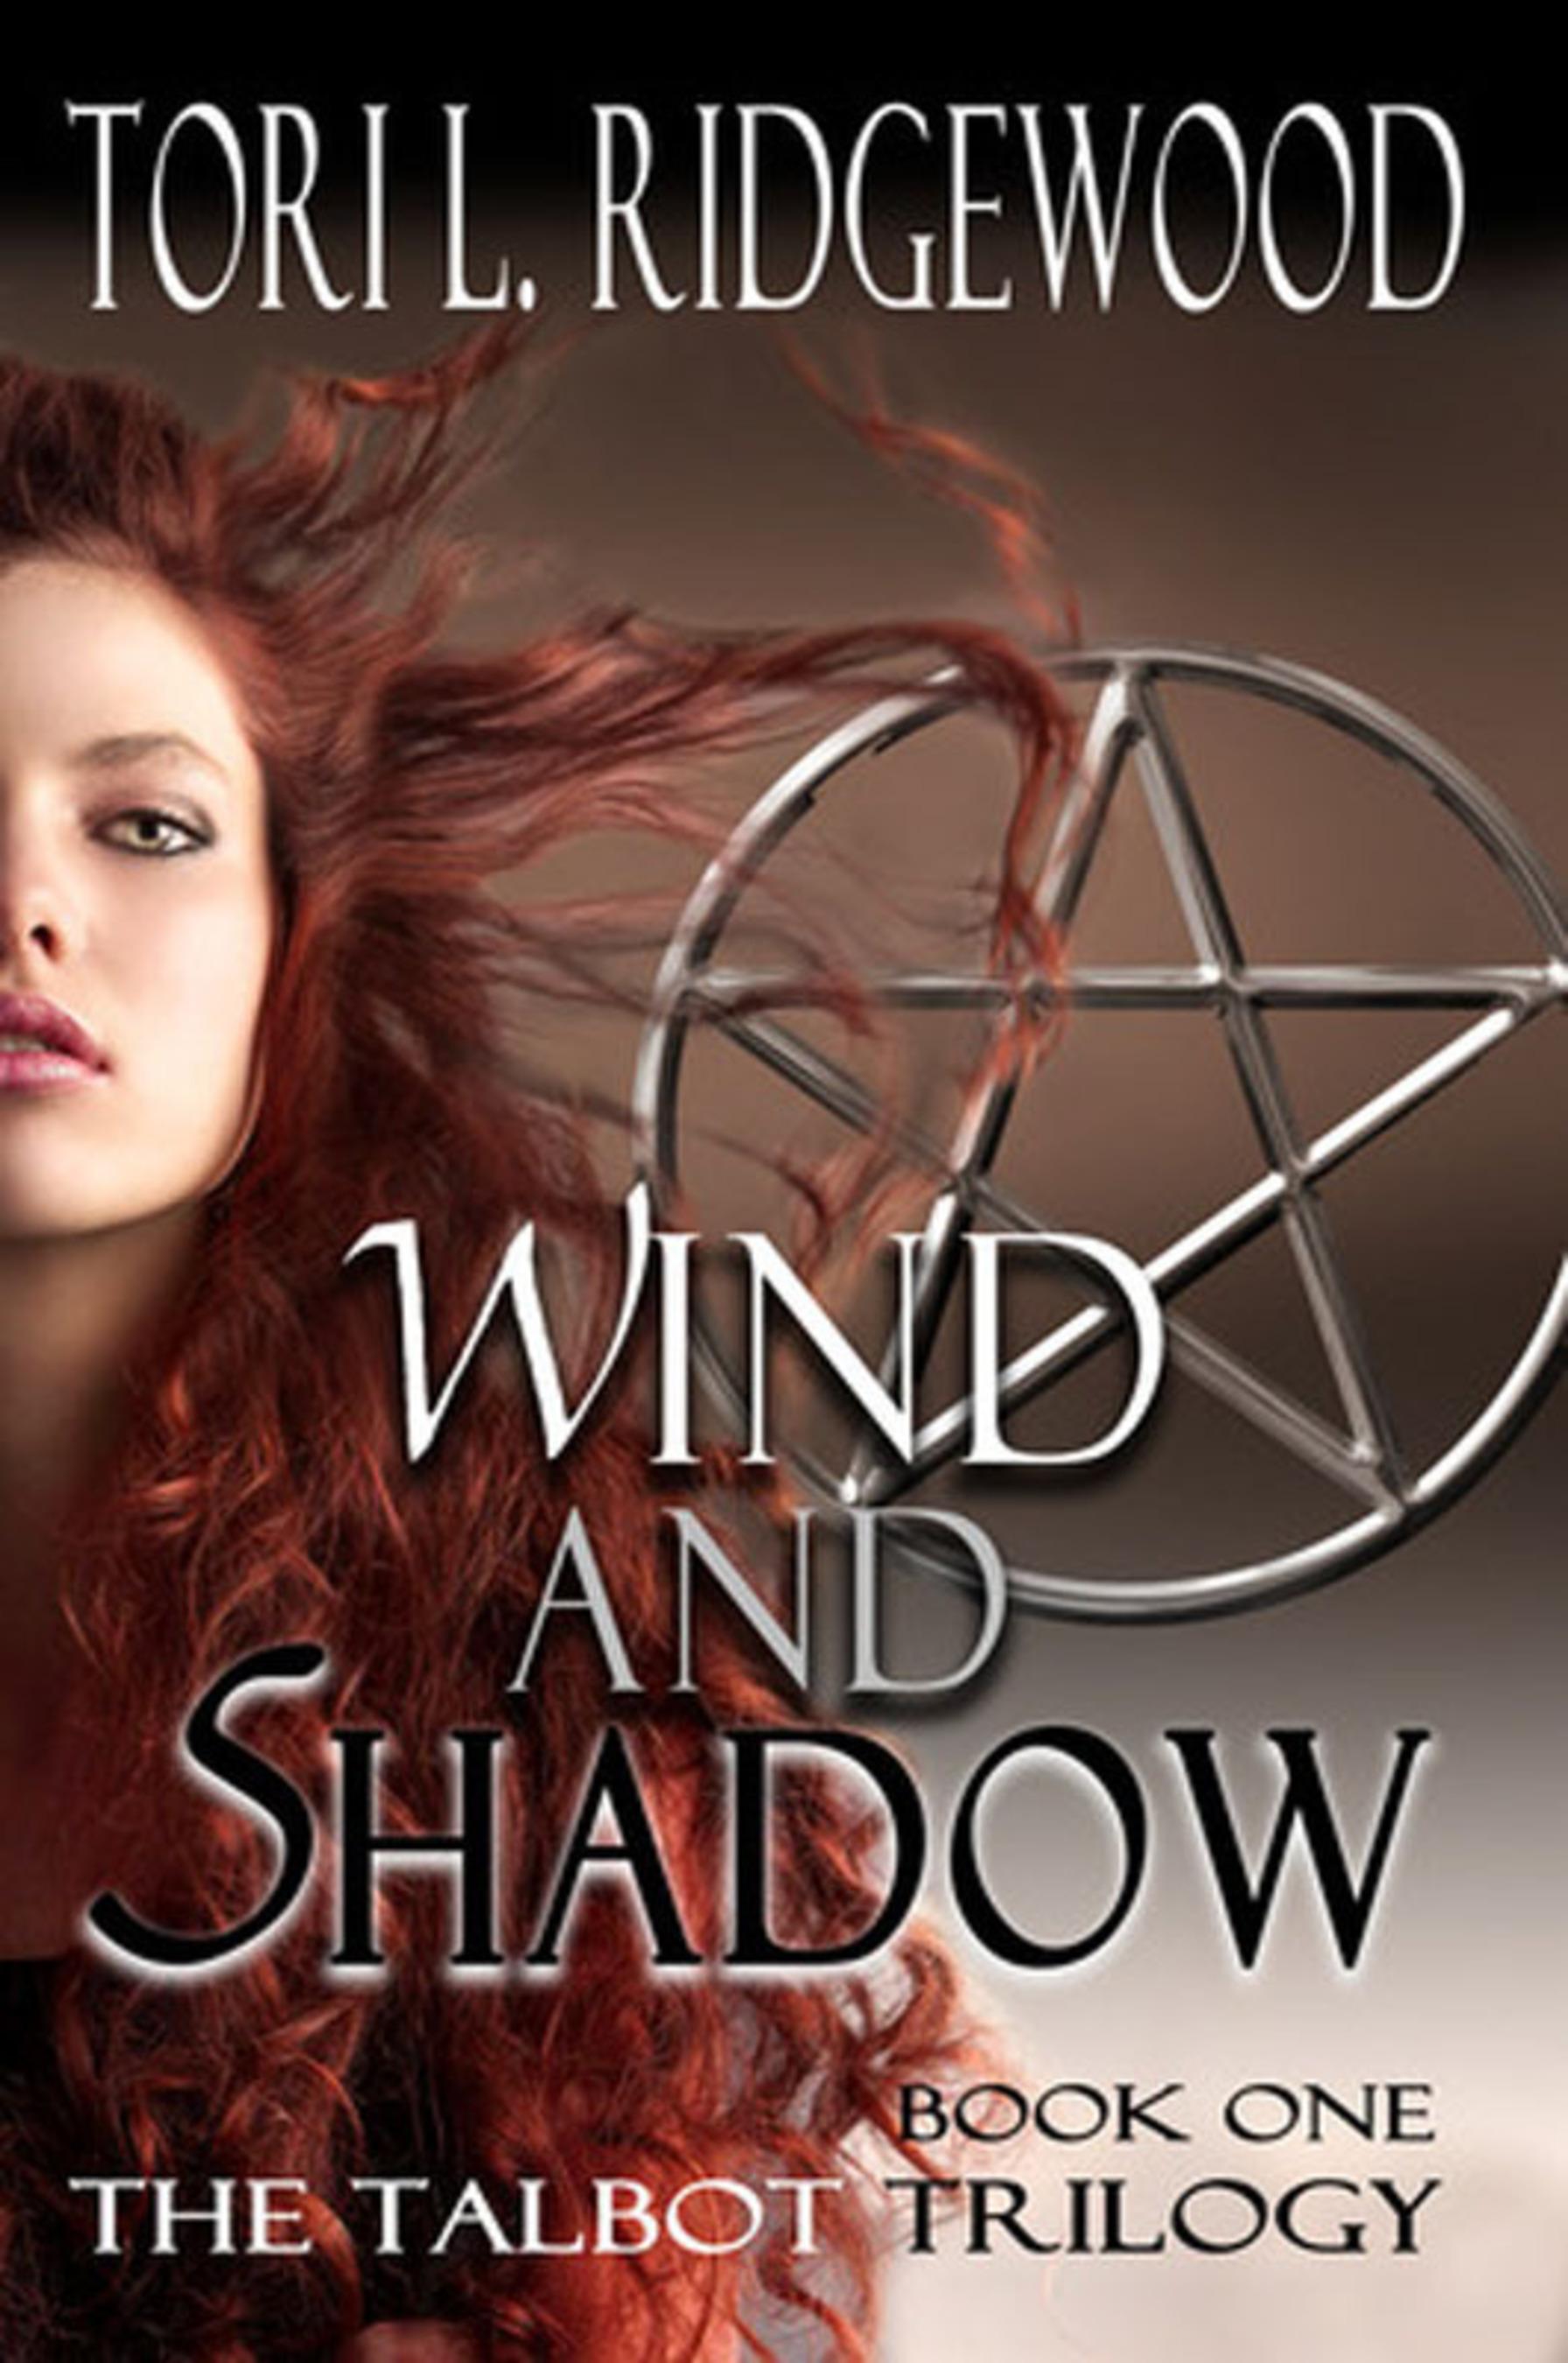 Wind and Shadow.  (PRNewsFoto/Tori L. Ridgewood)